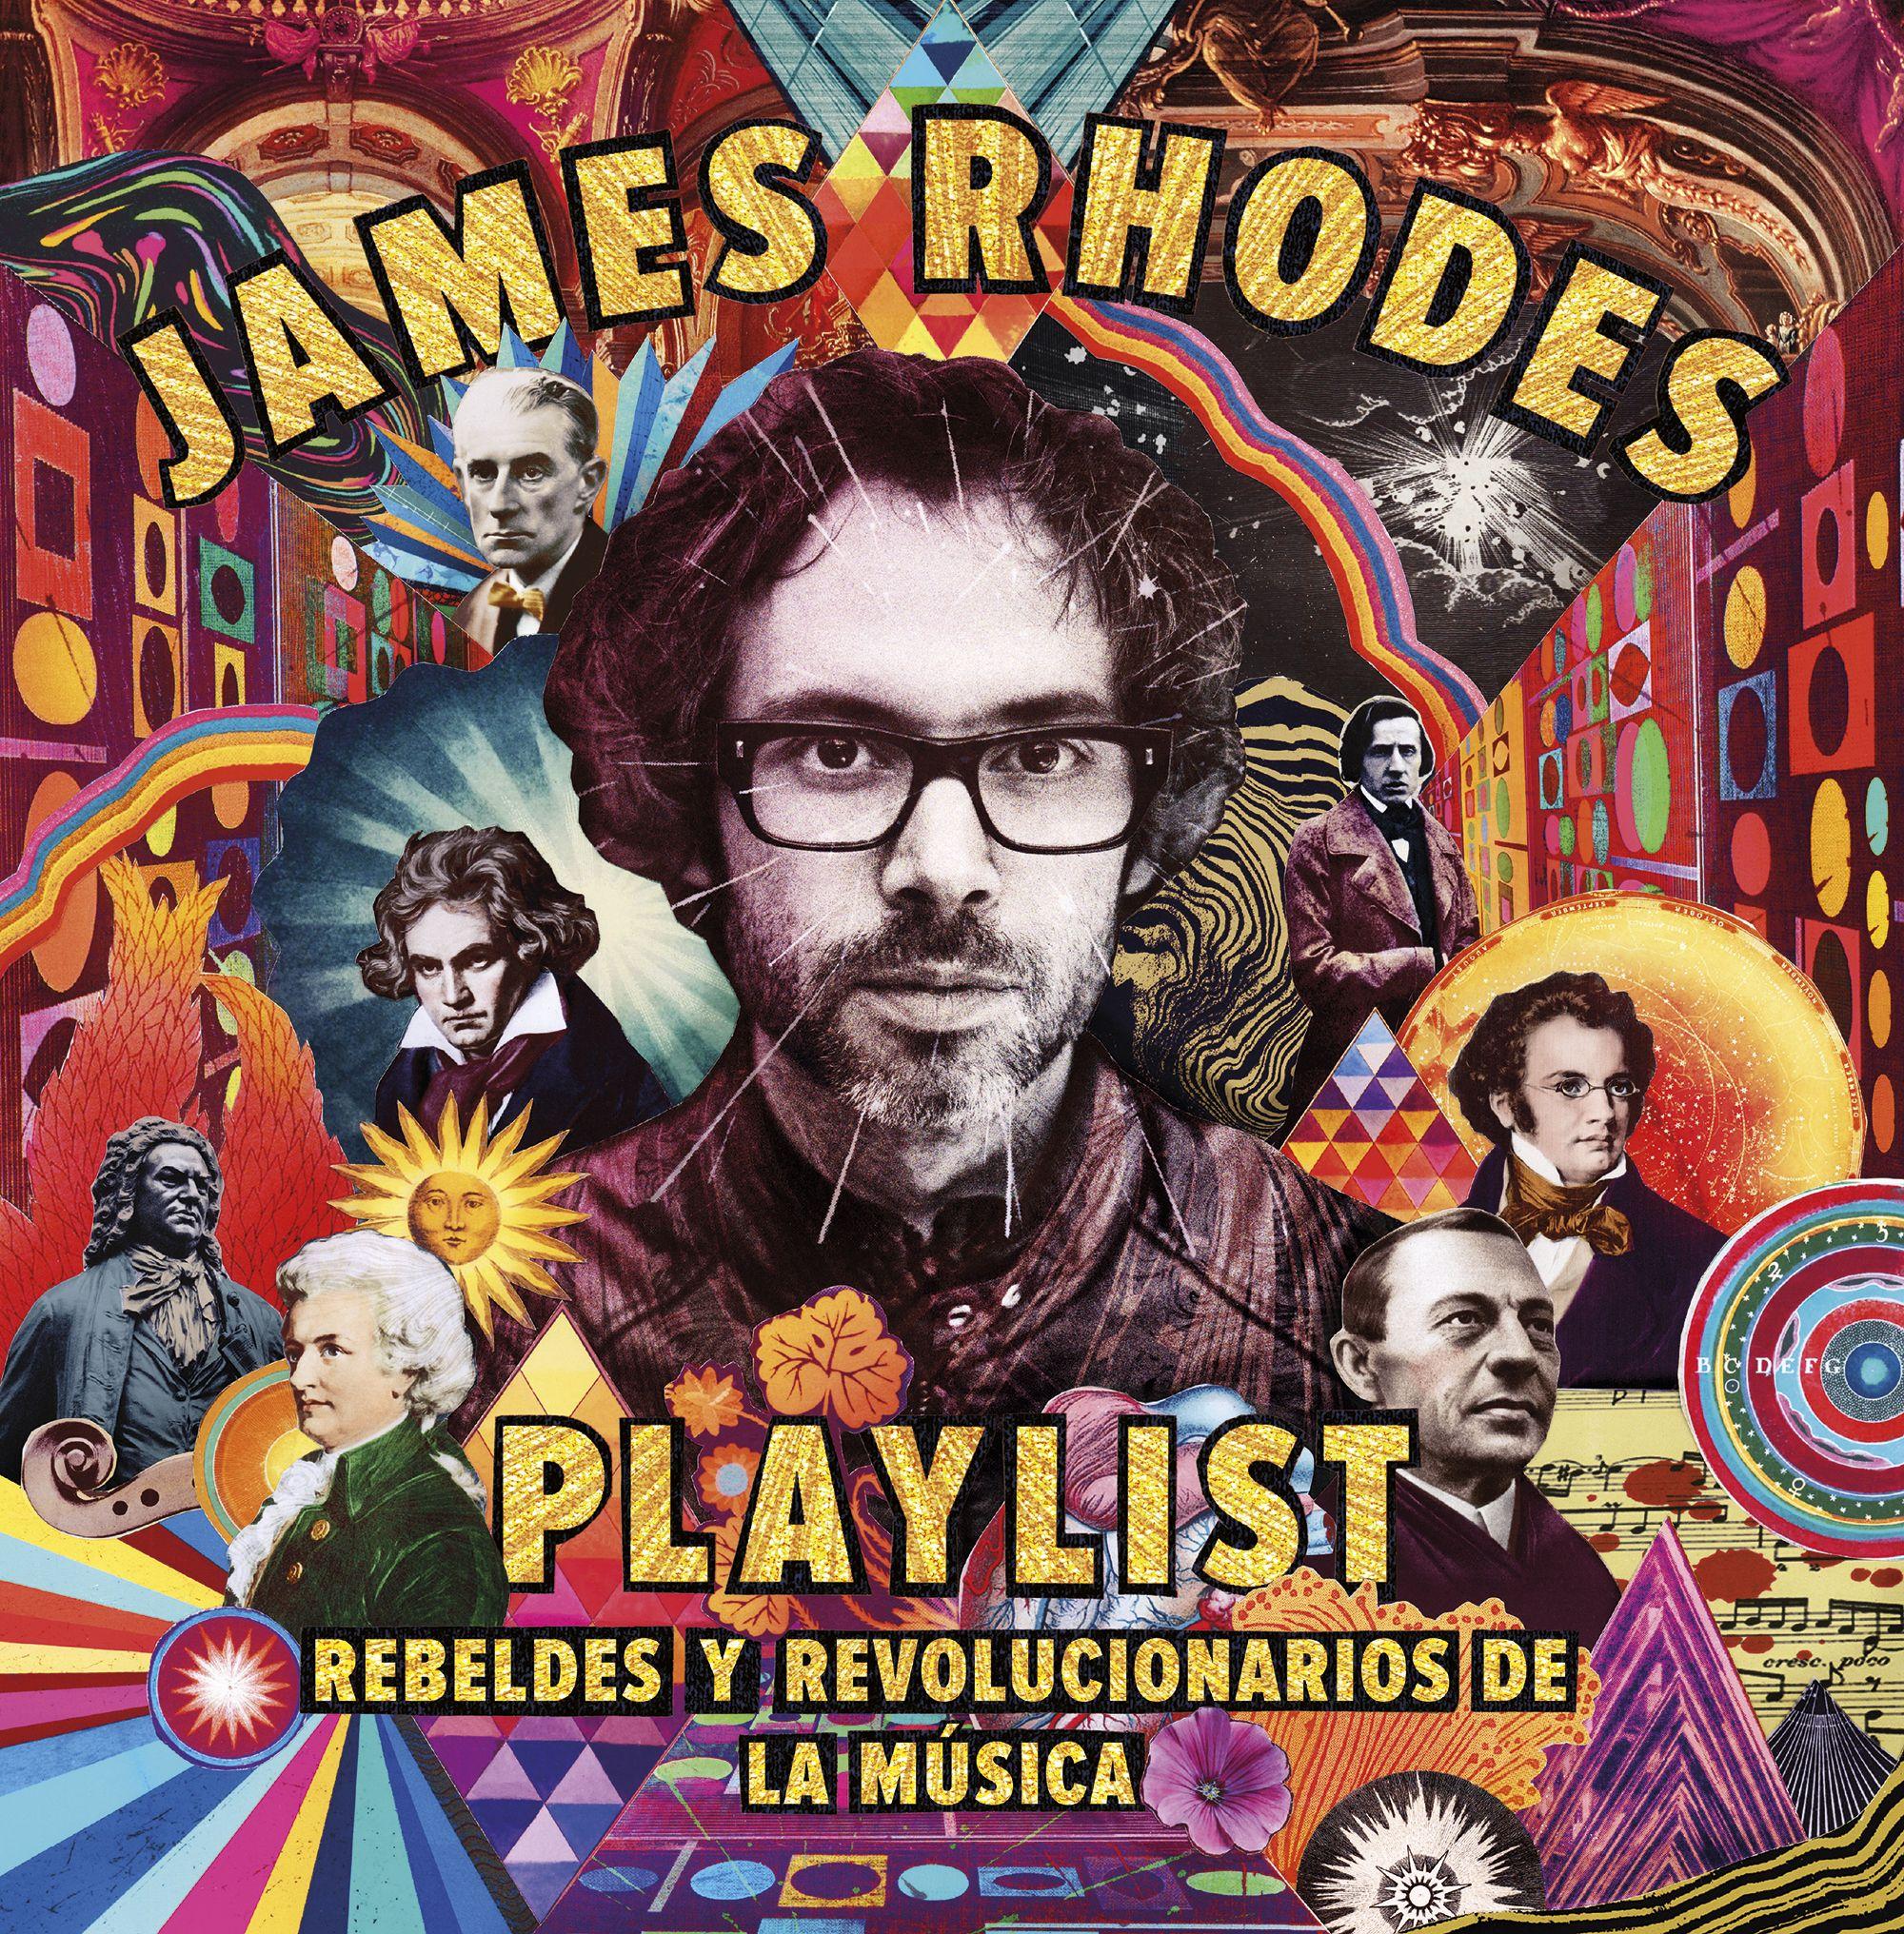 Playlist rebeldes y revolucionarios de l